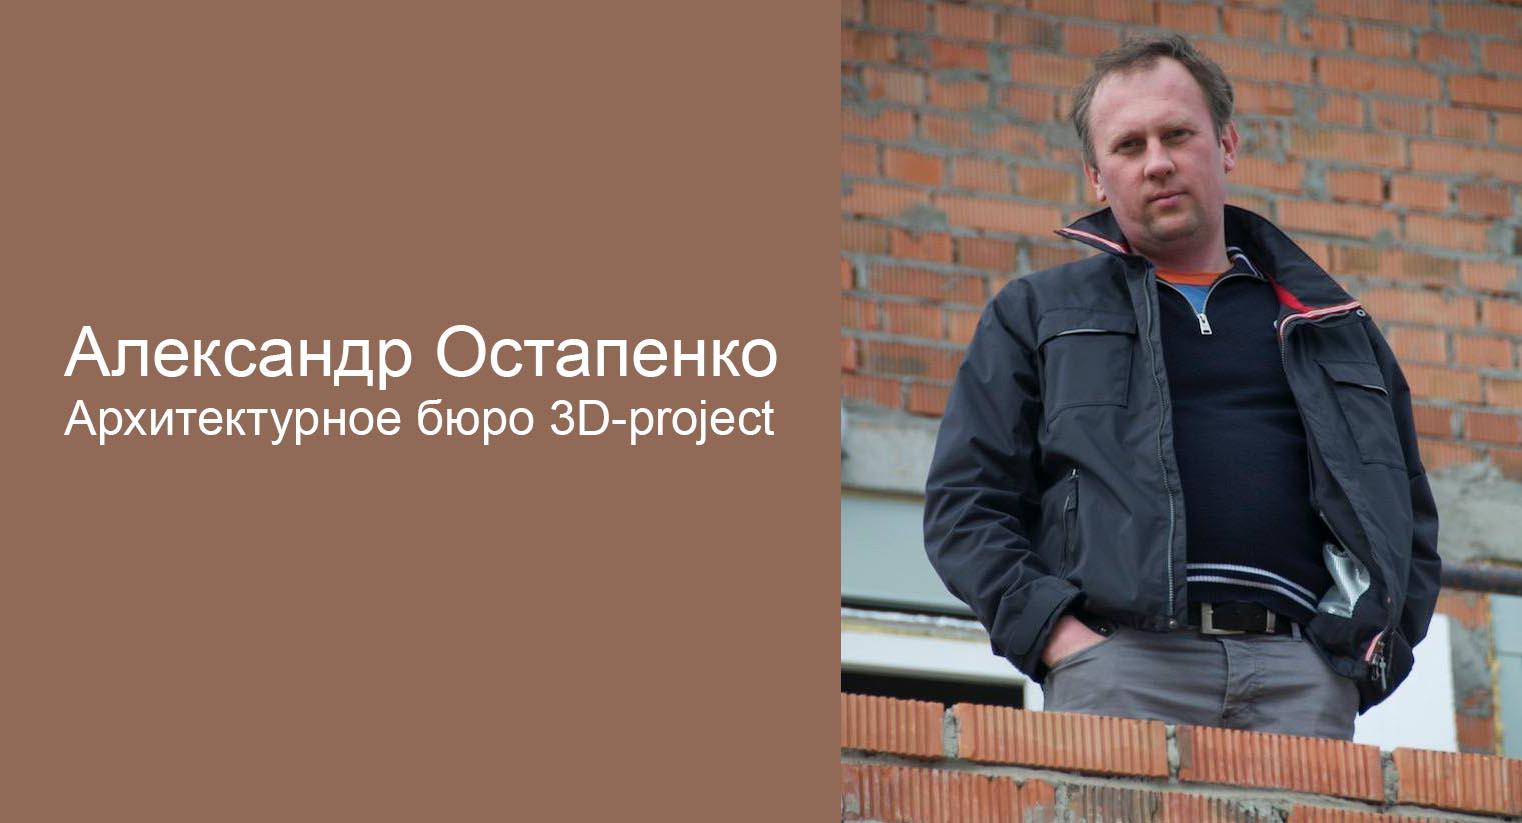 Інтерв'ю Олександра Остапенко (архітектурне бюро 3D-project) бренду DAVIS CASA. Частина 1